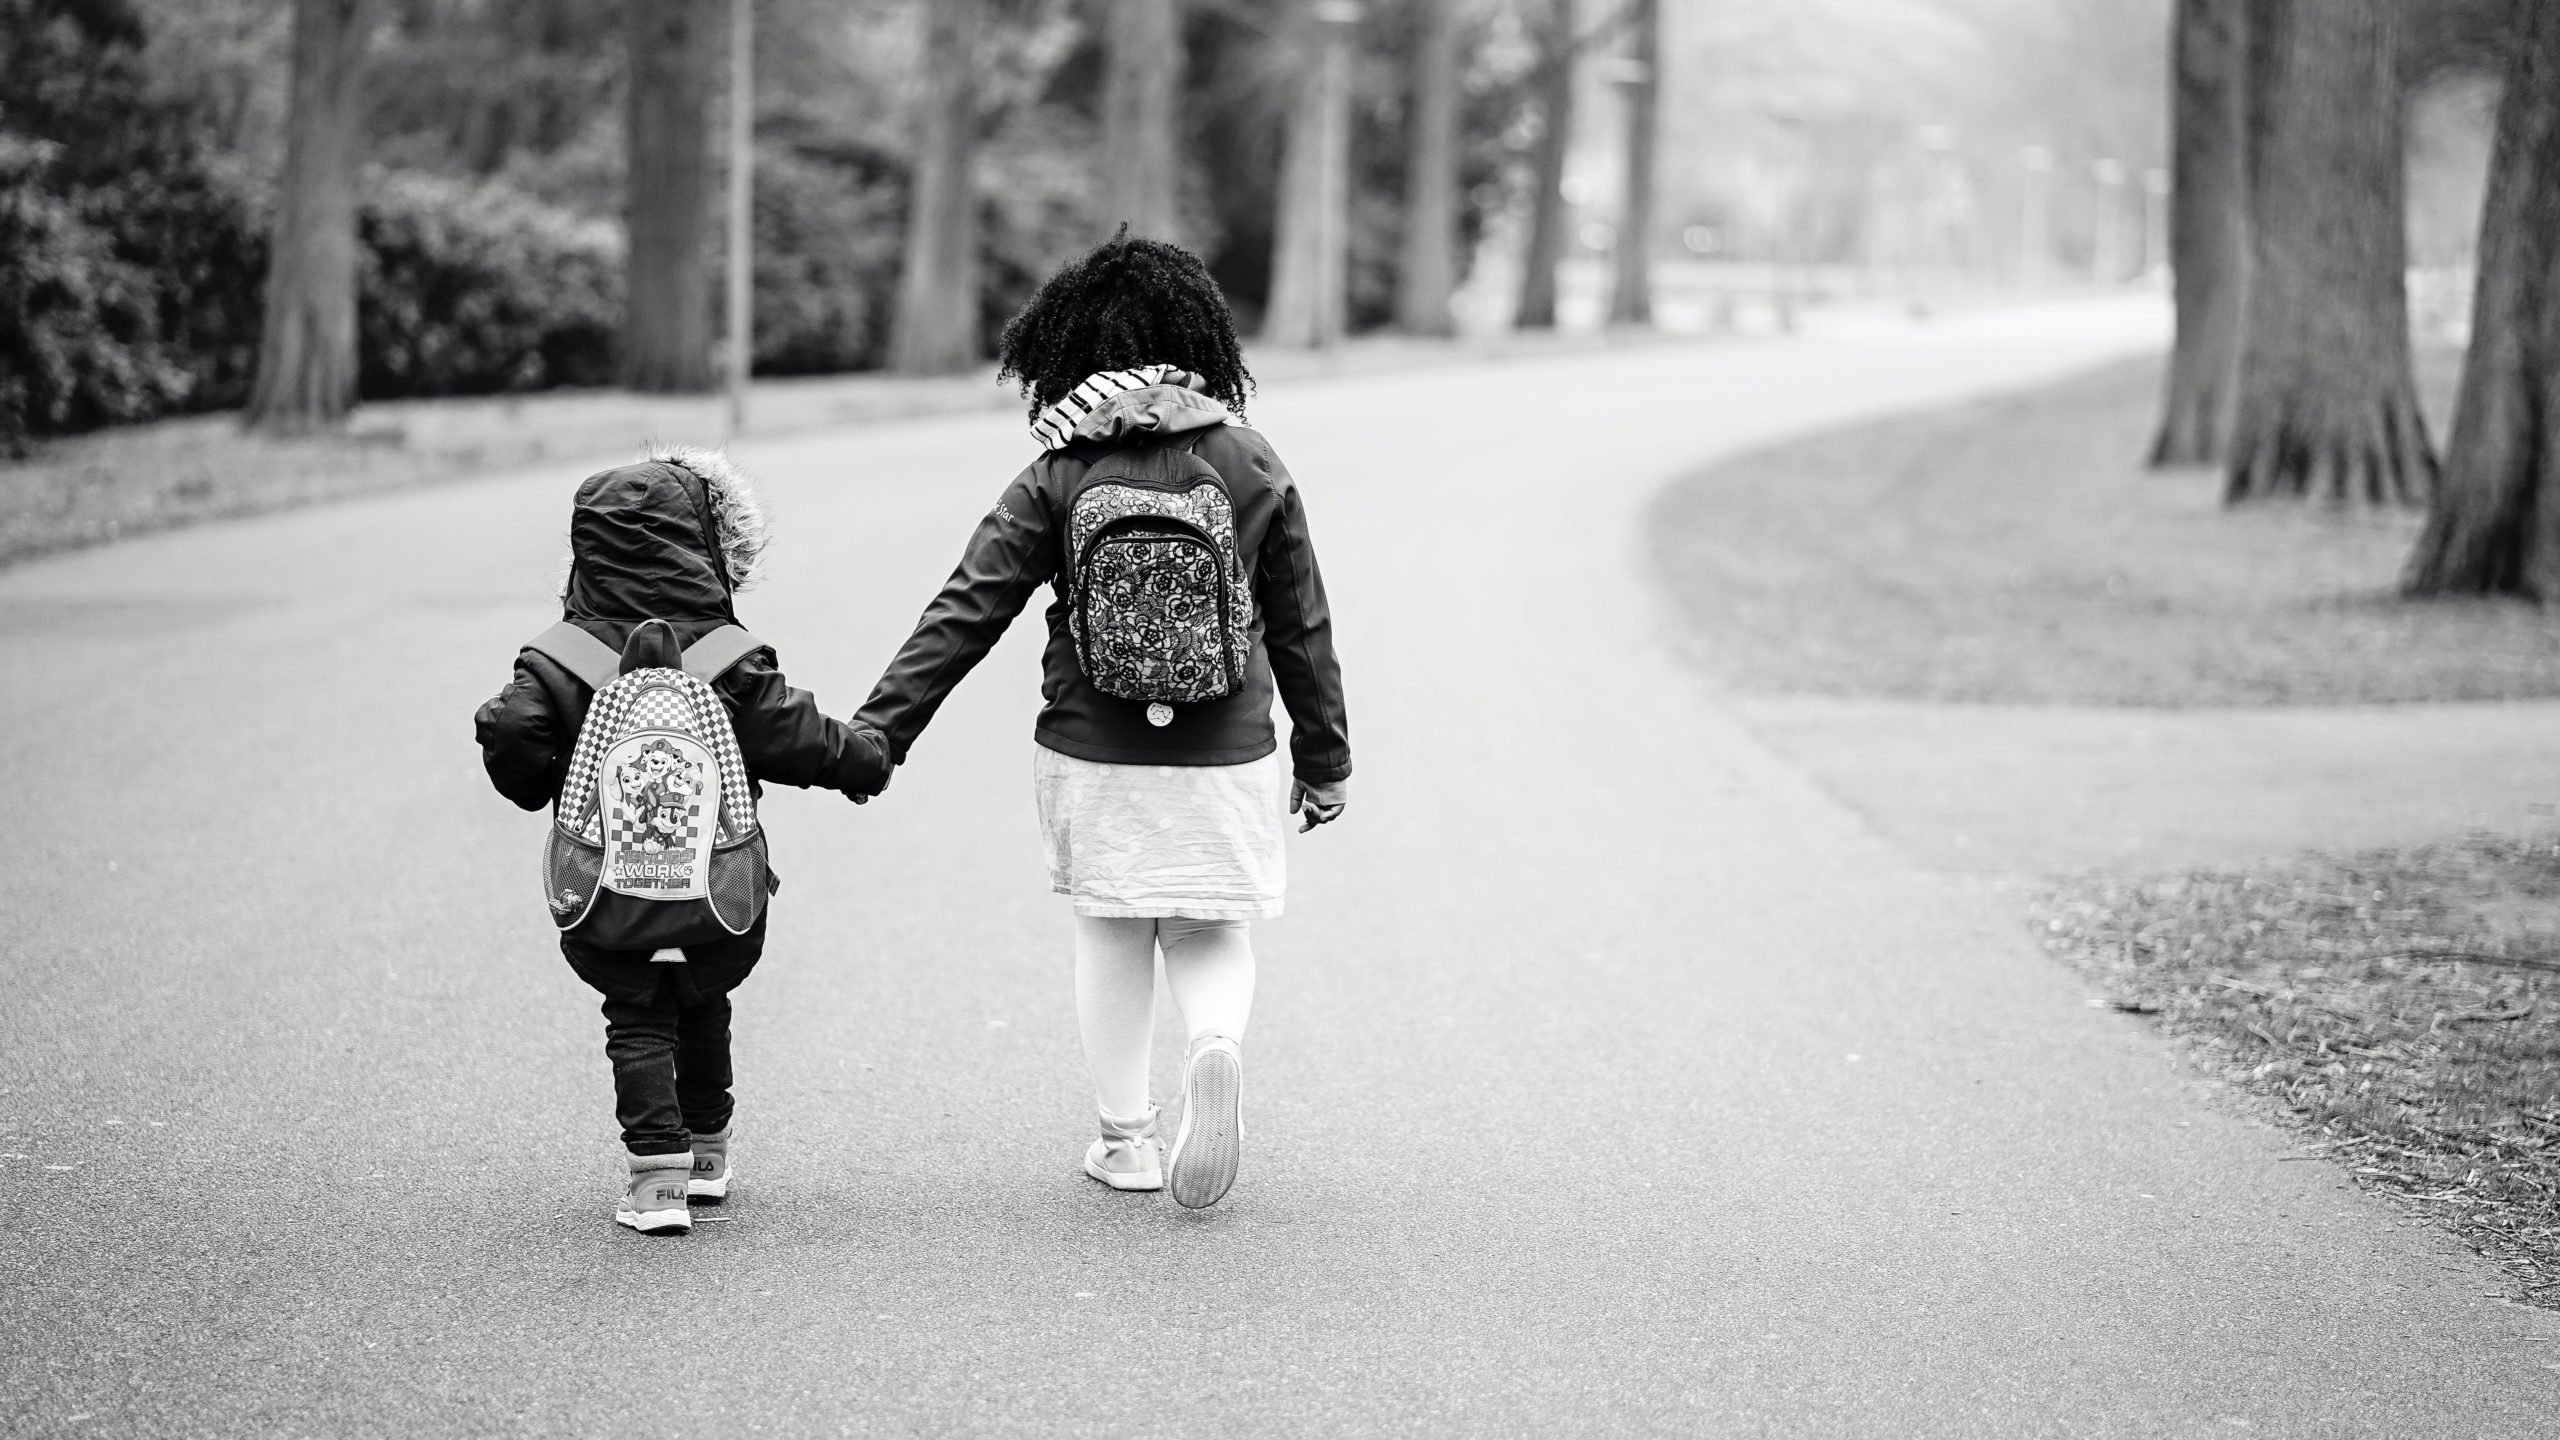 La custodia compartida permite disfrutar del tiempo con los hijos durante periodos de tiempo equitativos y pactados.